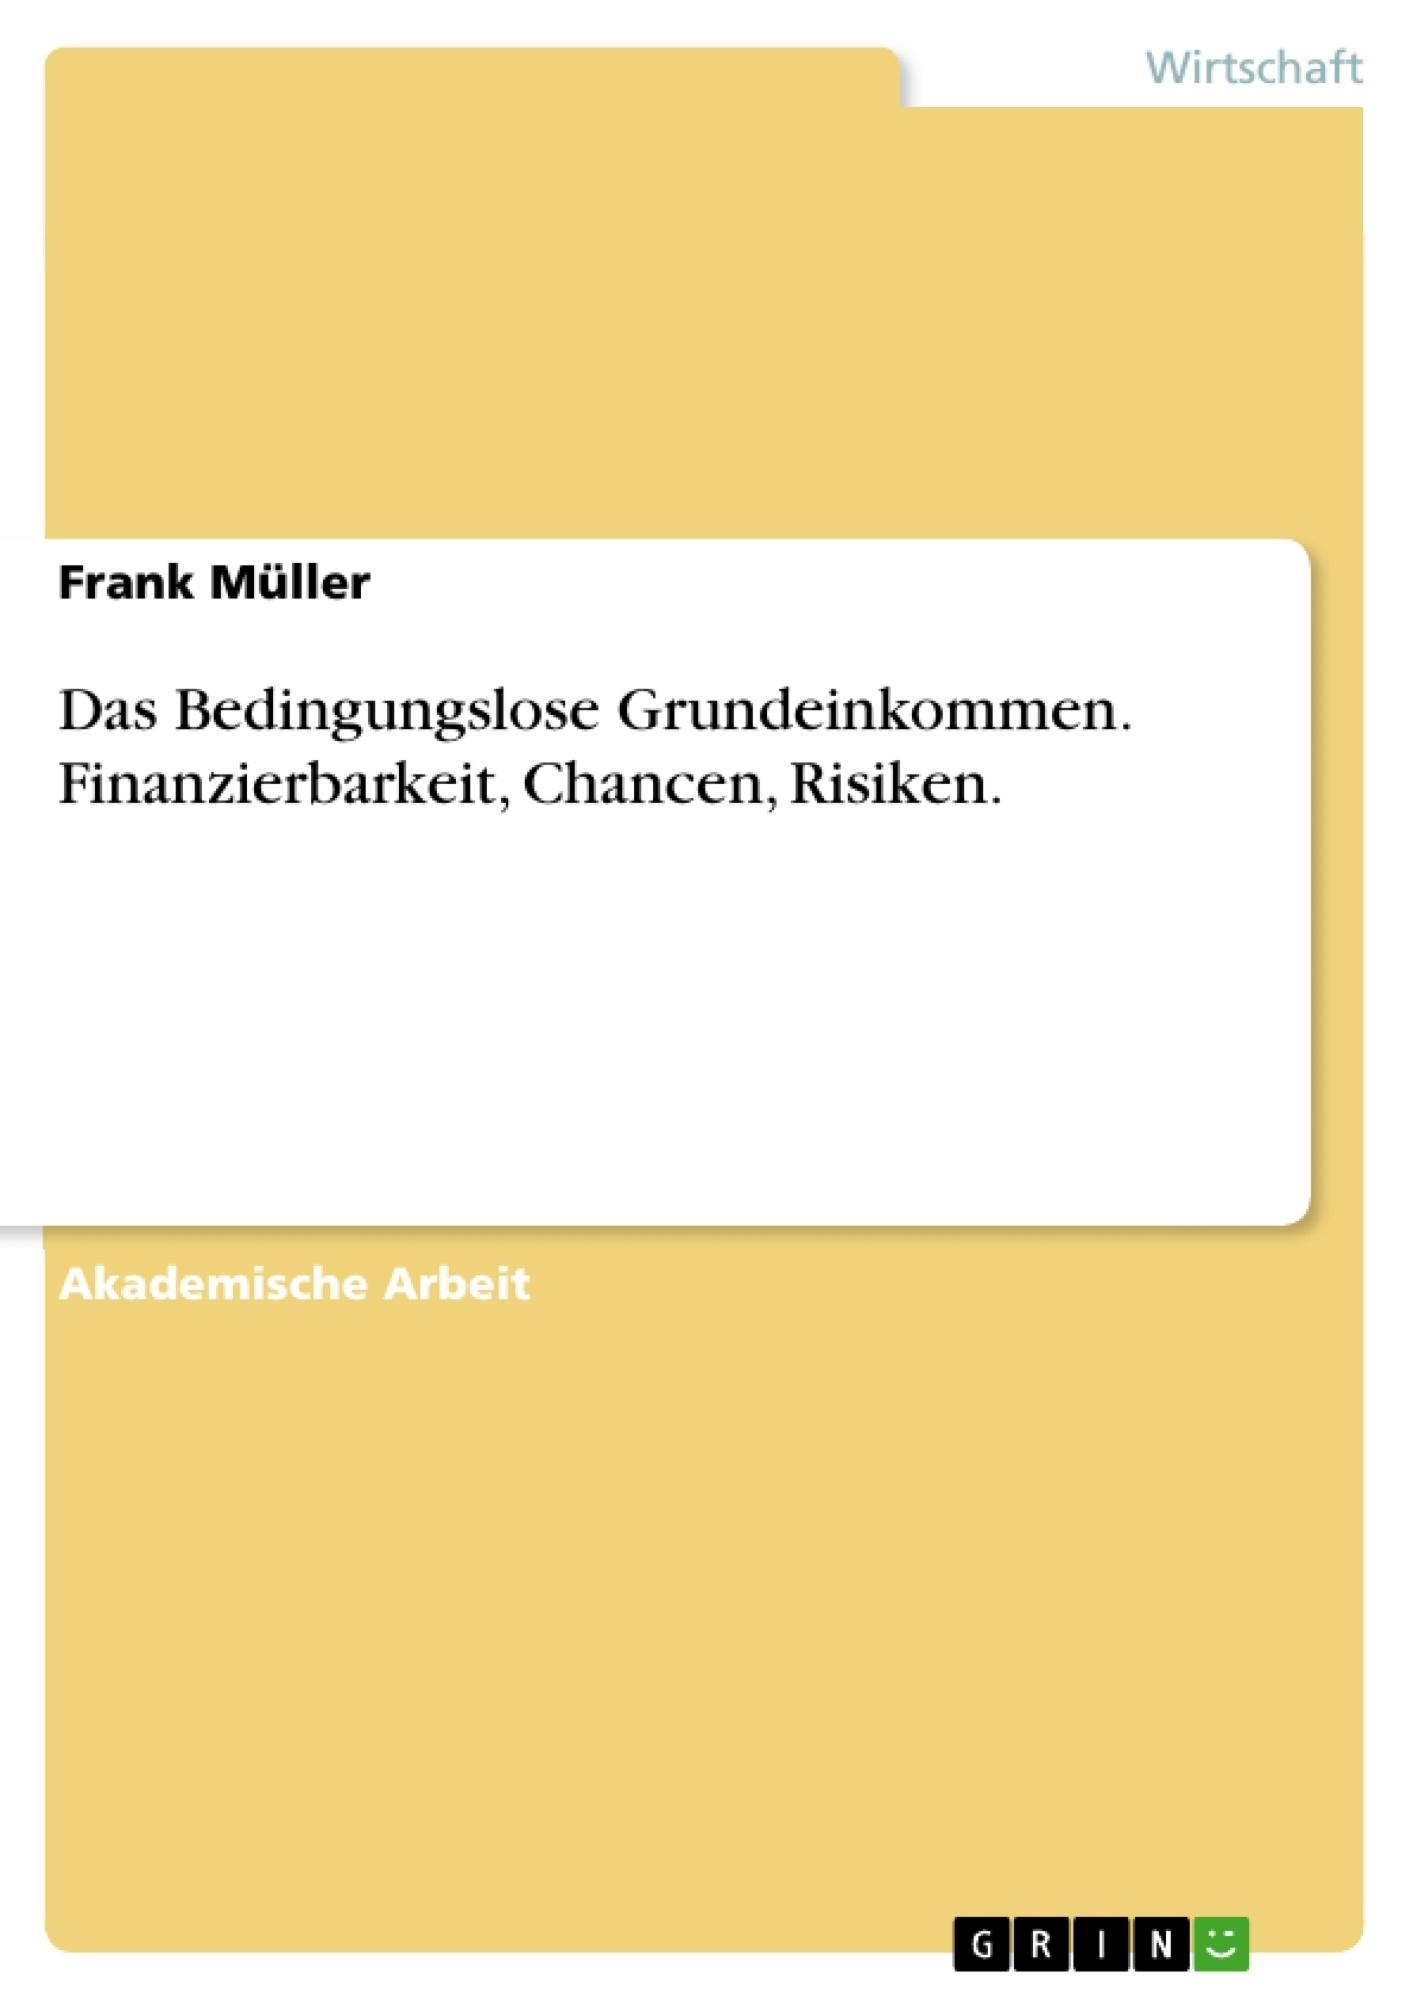 Titel: Das Bedingungslose Grundeinkommen. Finanzierbarkeit, Chancen, Risiken.